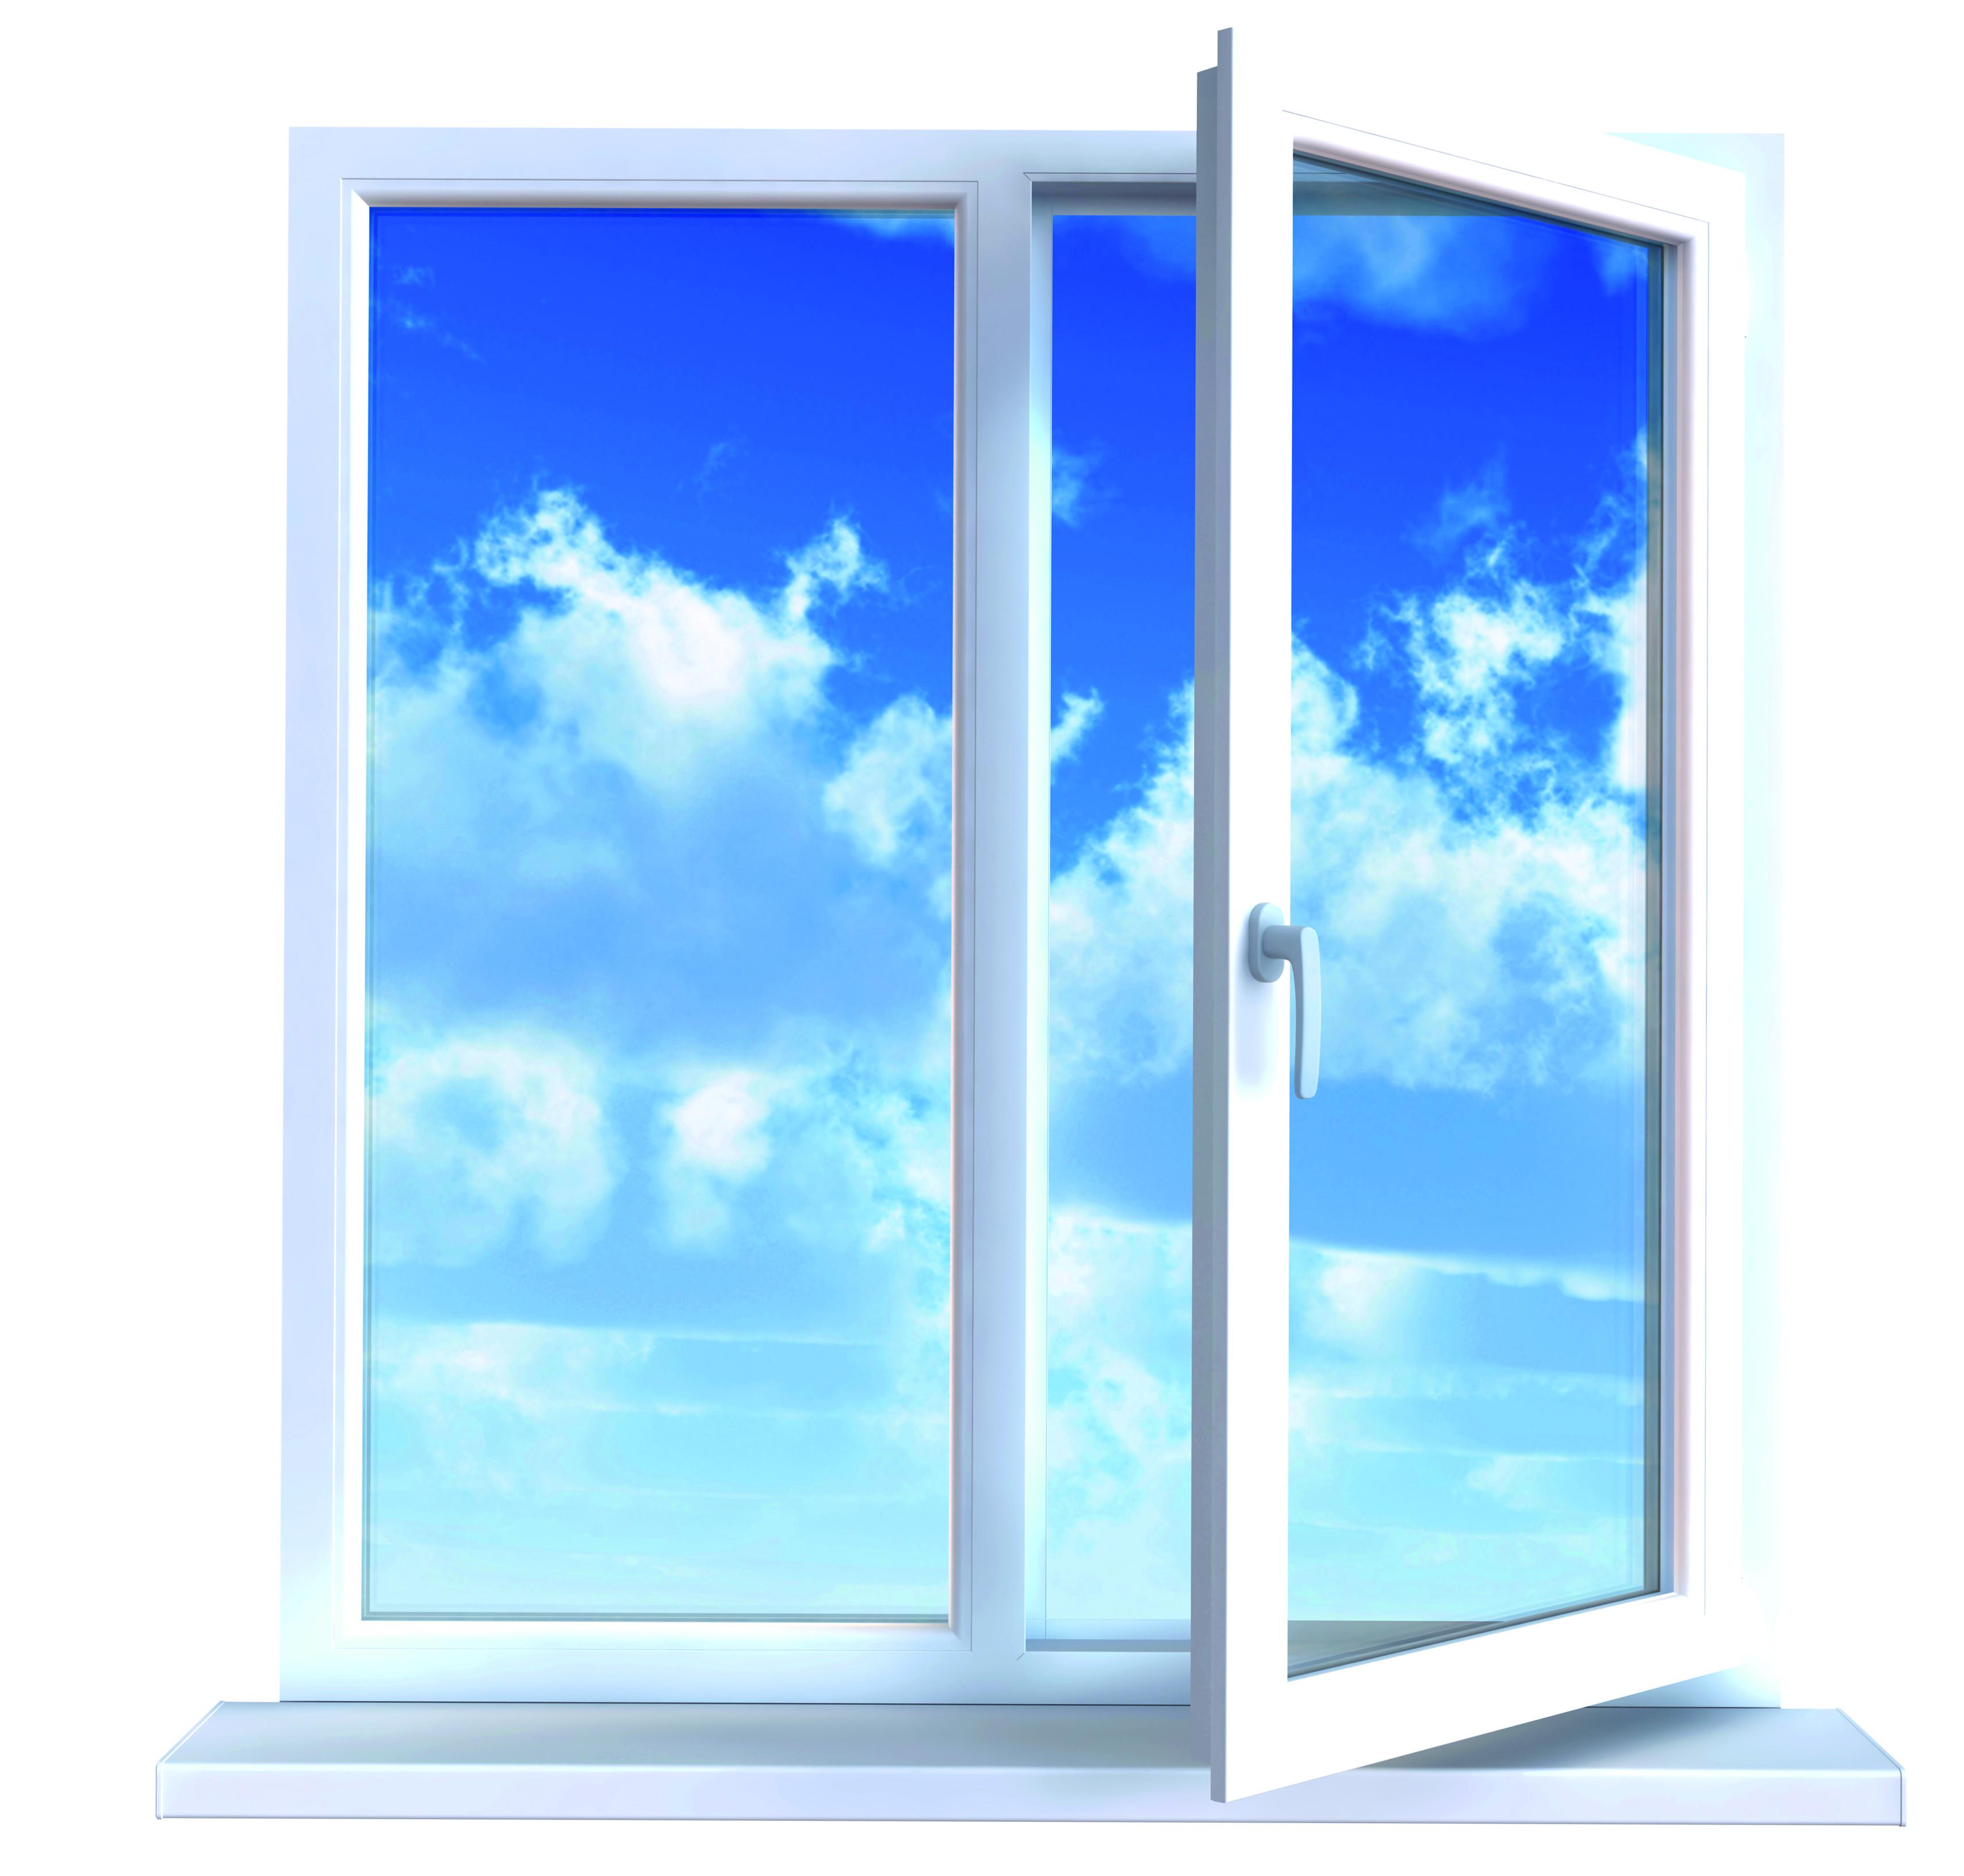 Дни недели, картинки окна пвх красивые для рекламы